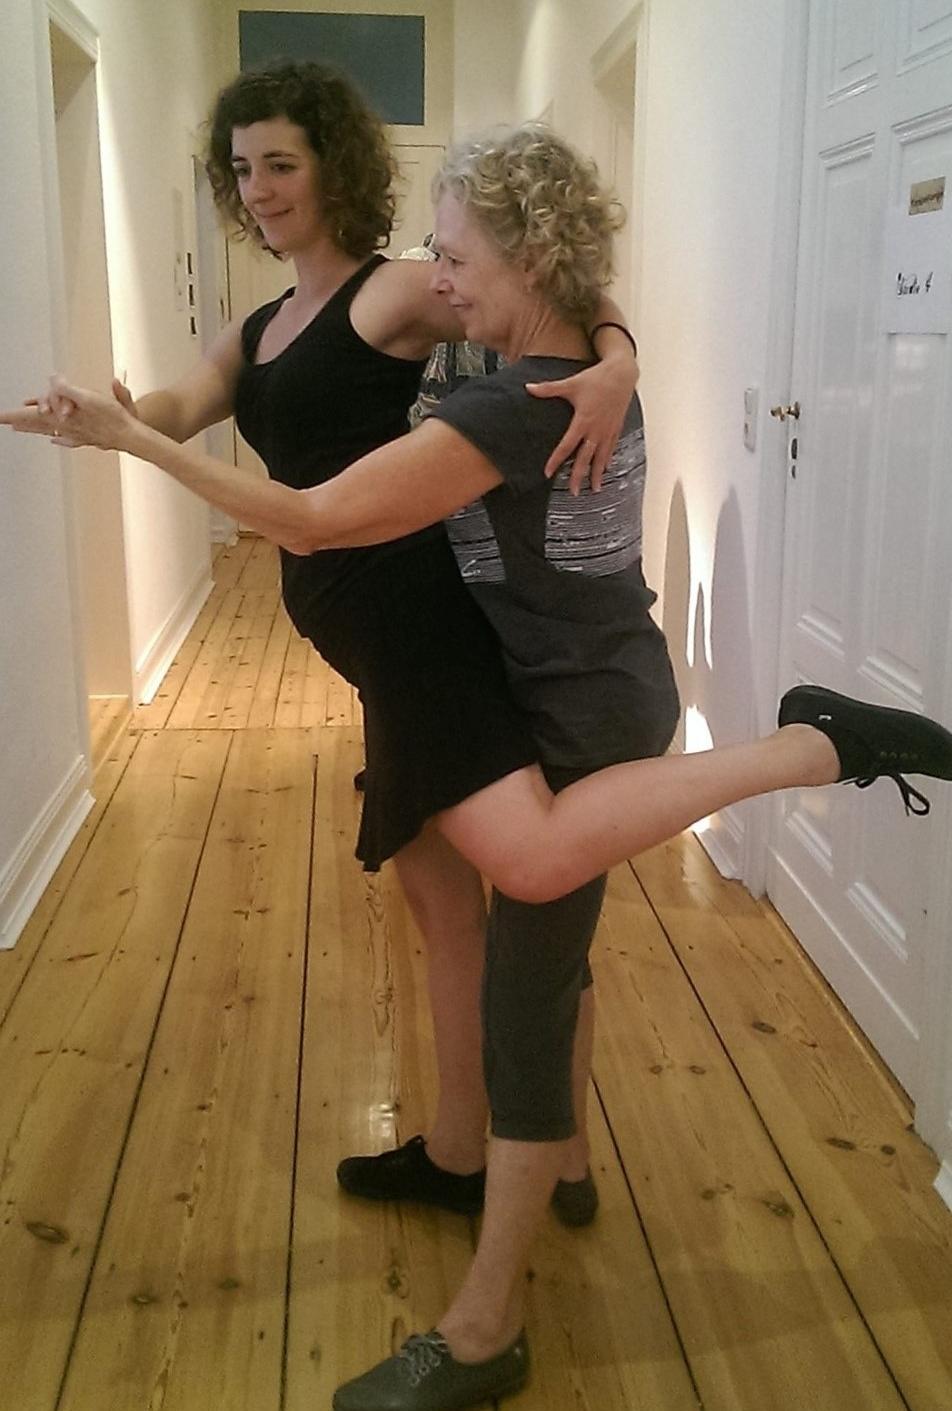 dance practice in the hall studio